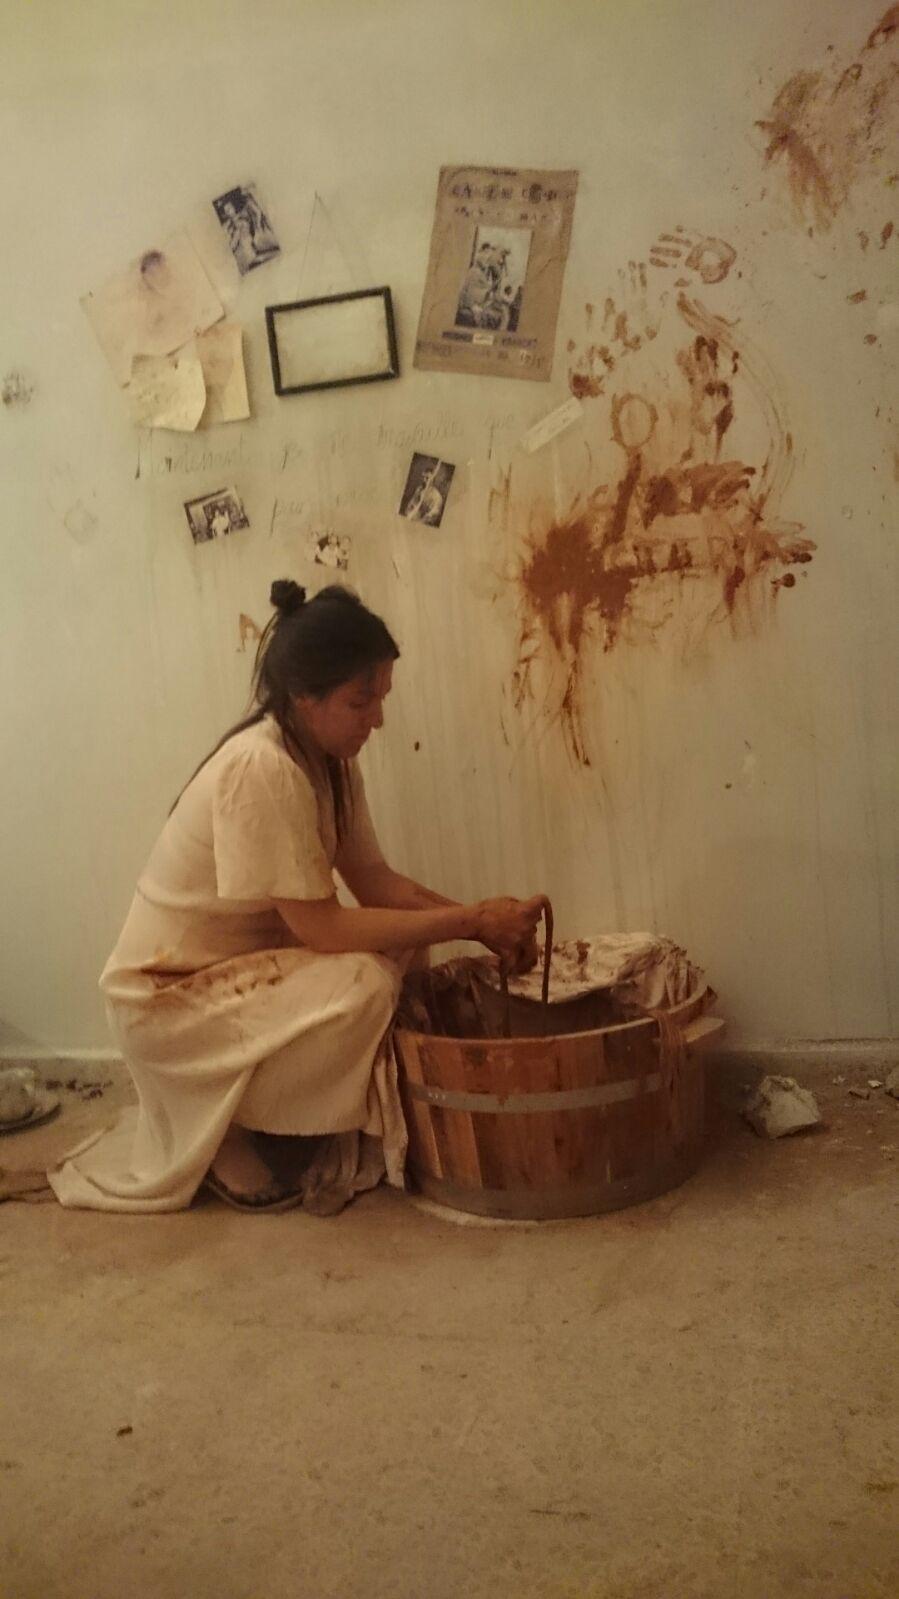 «Derrumbe», María Prado interpreta a Camille Claudel en el Centro de Creación de Segovia